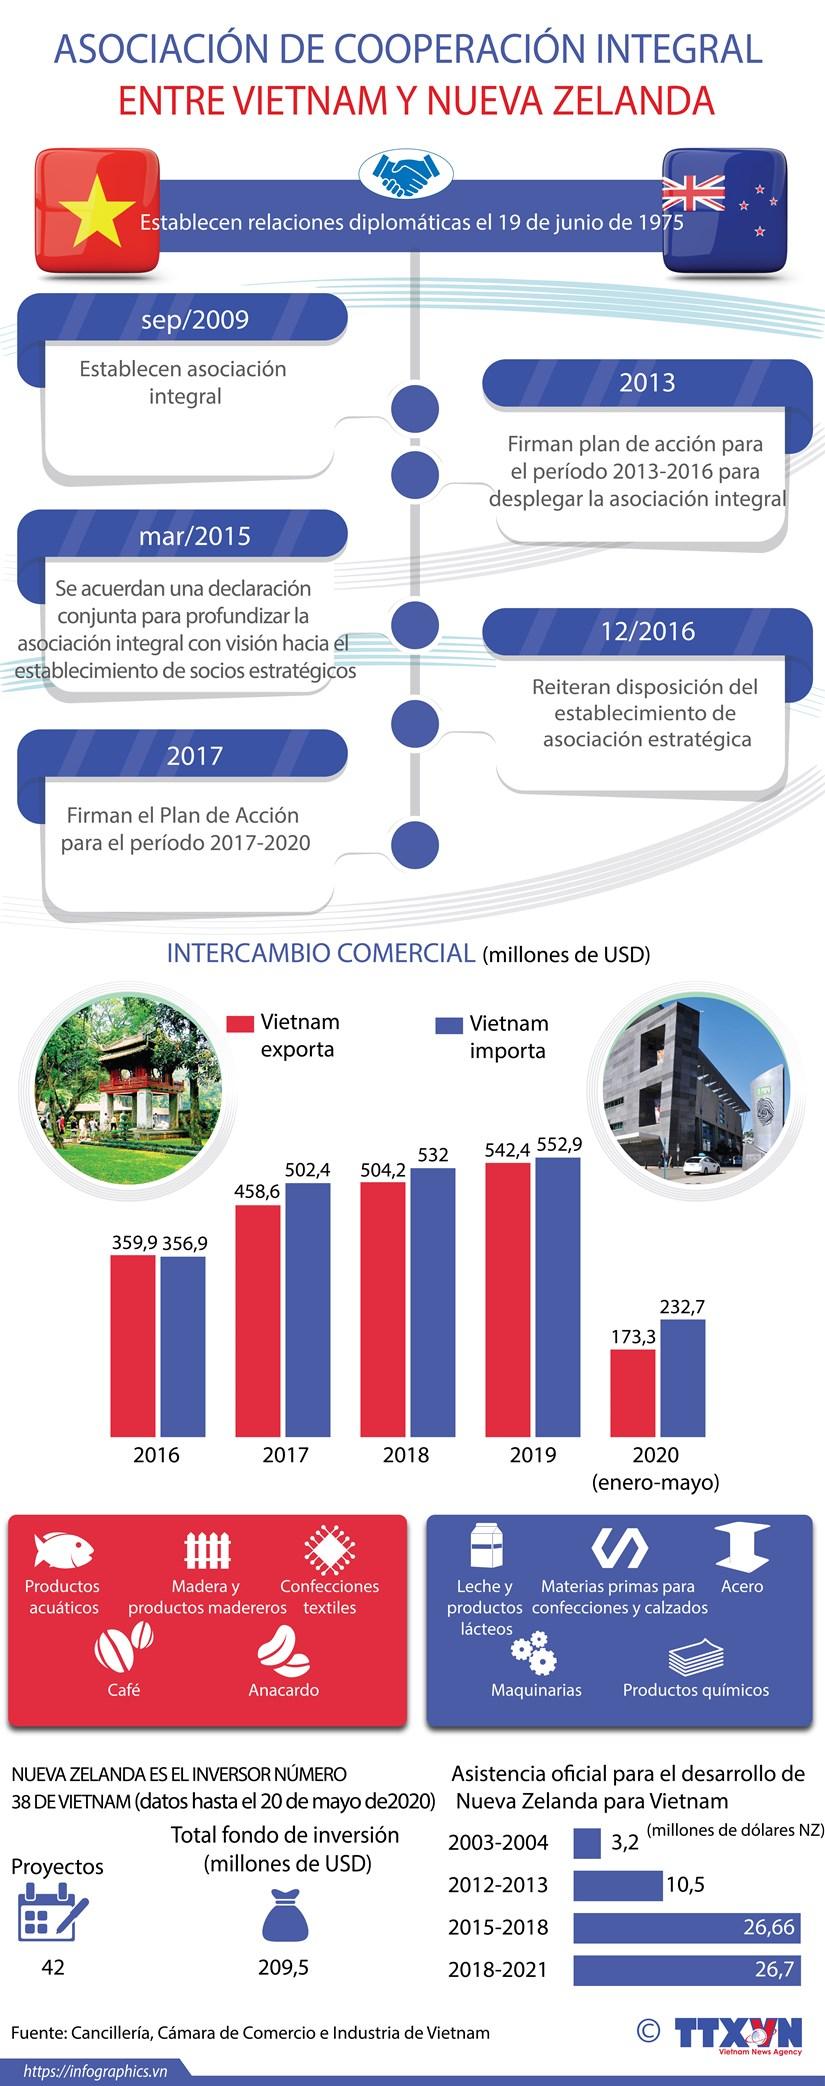 [Info] Asociacion integral entre Vietnam y Nueva Zelanda hinh anh 1